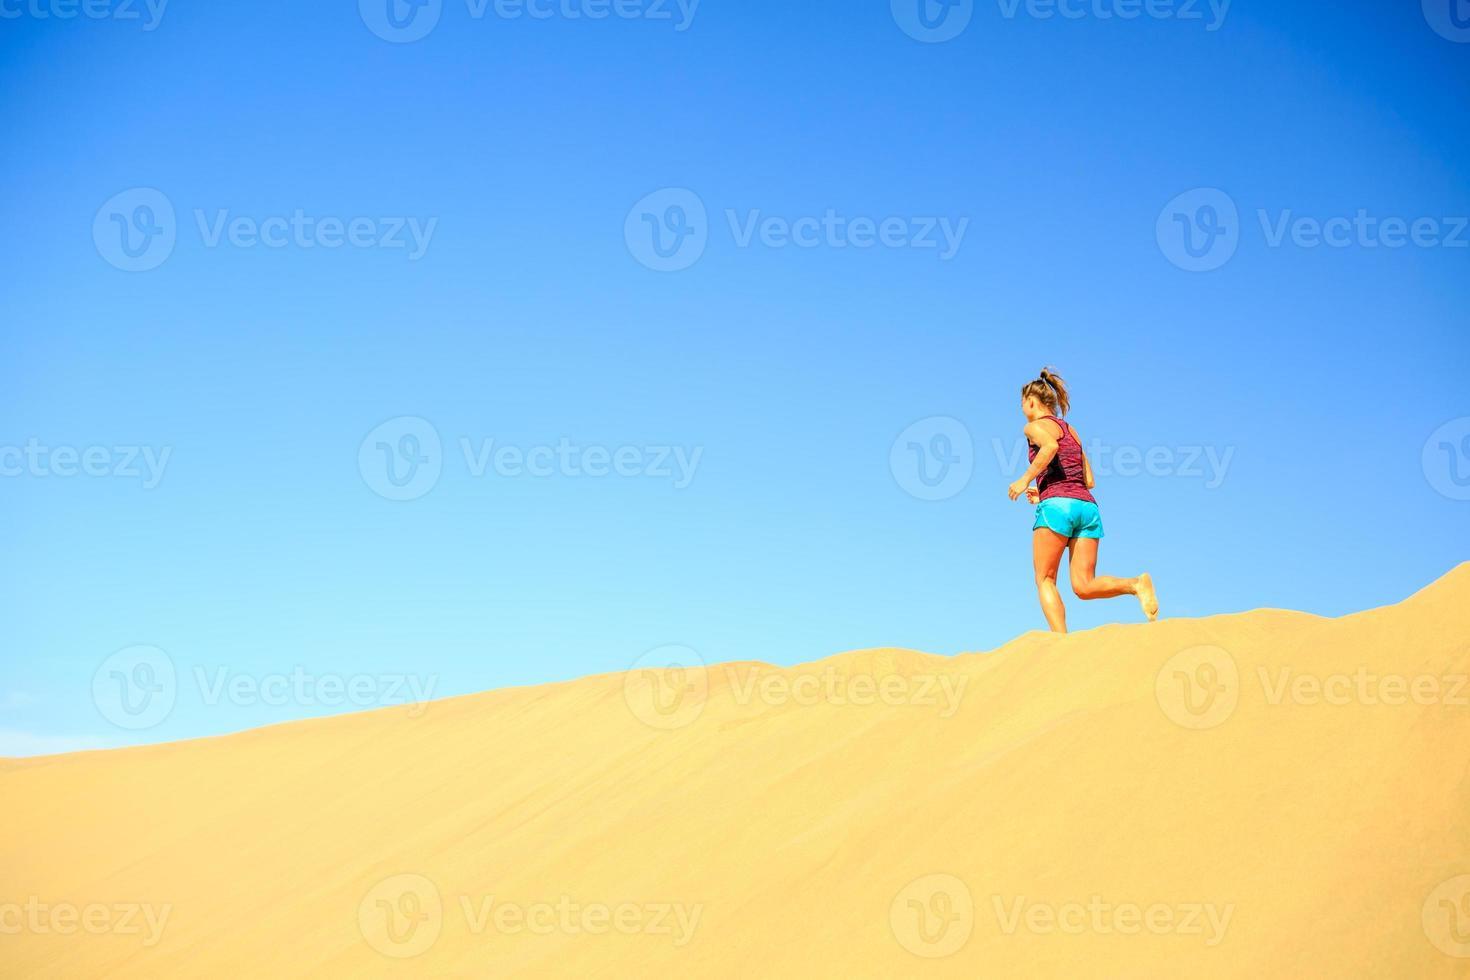 mulher correndo nas dunas do deserto de areia foto